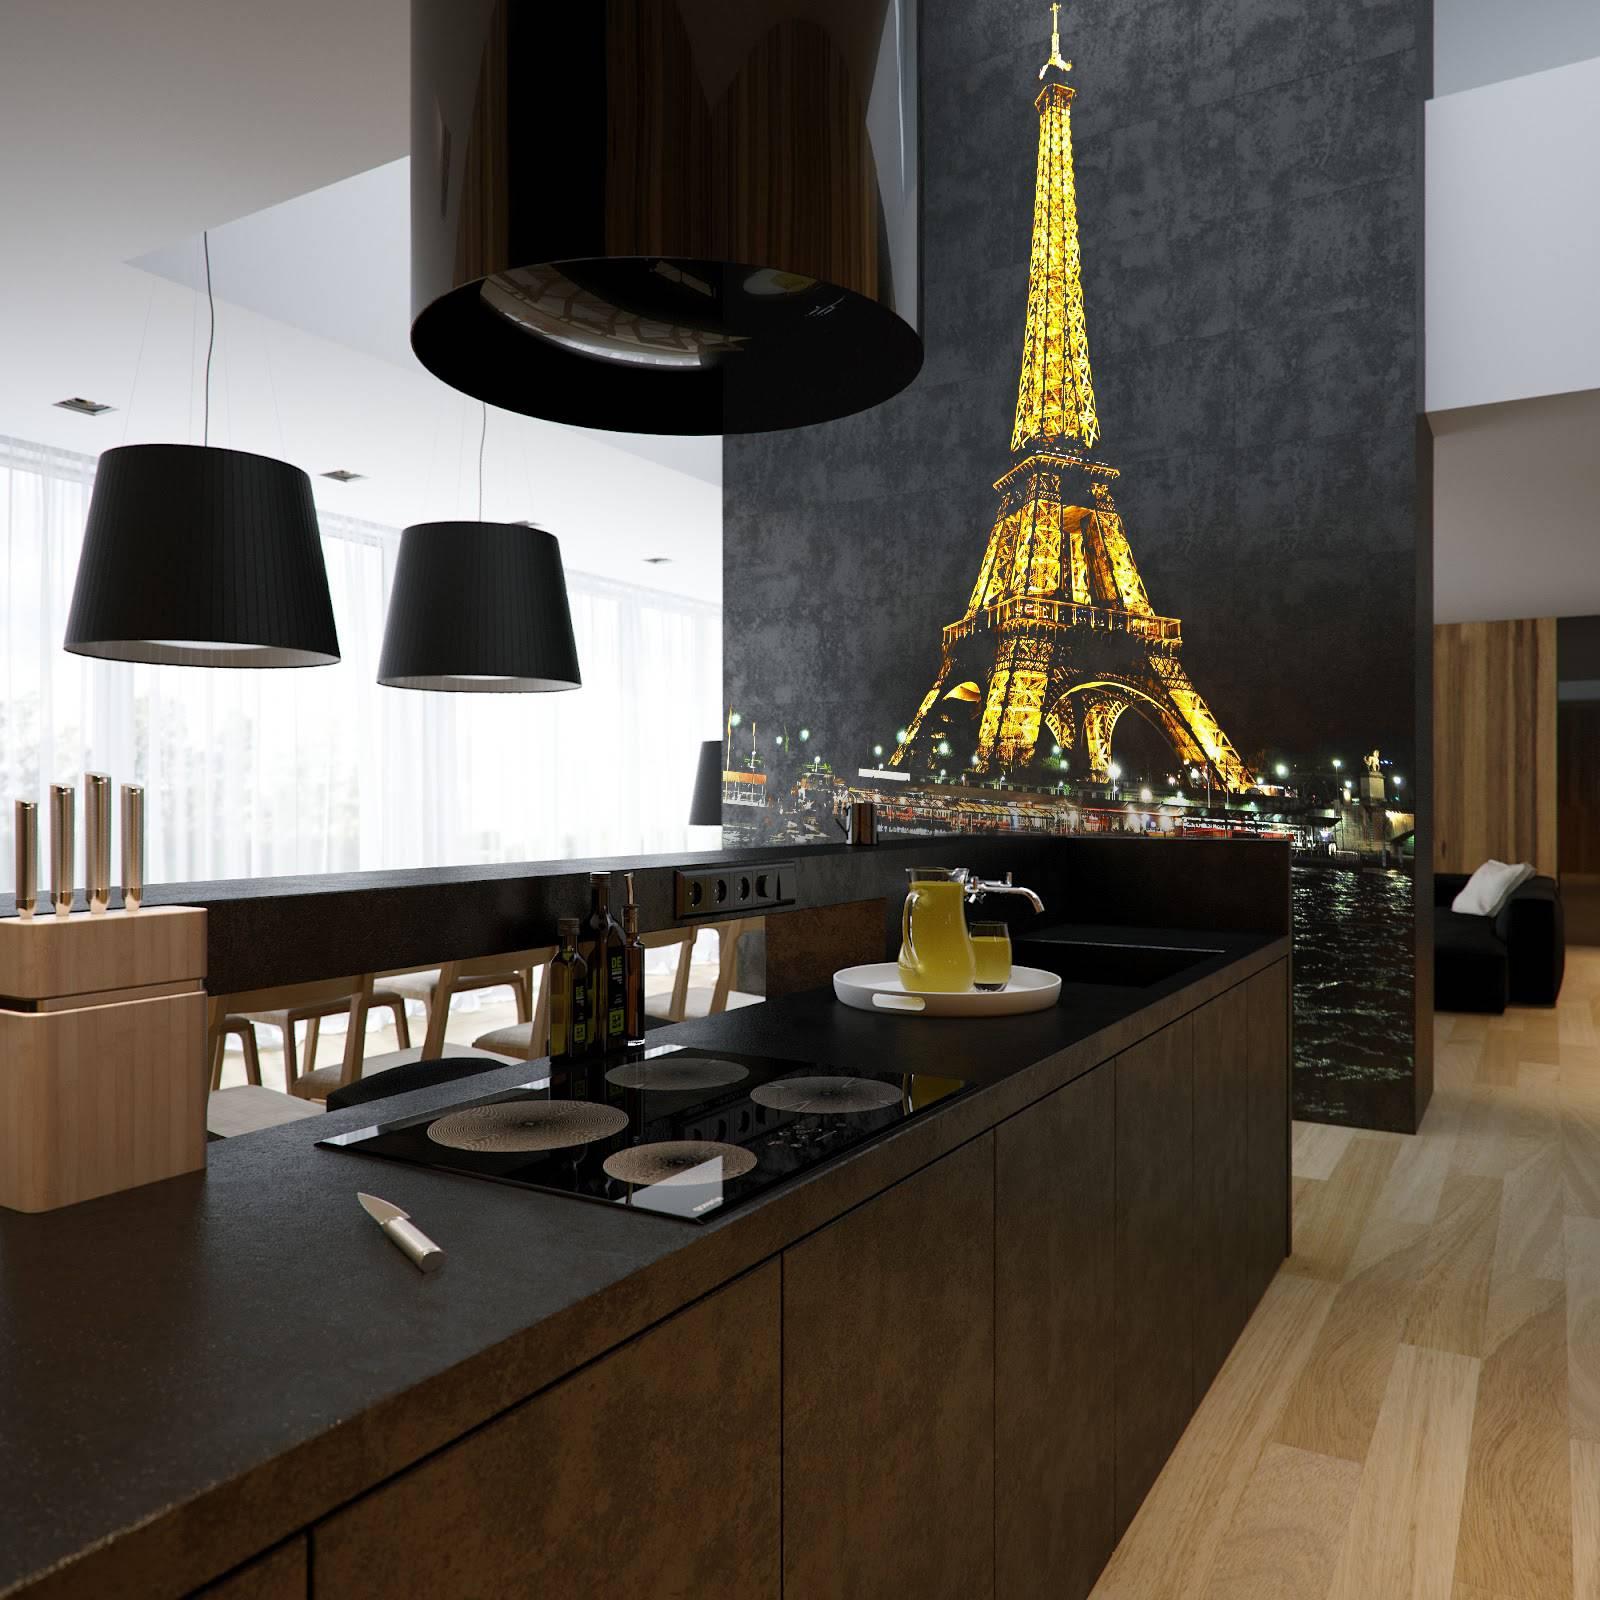 інтер'єр кухні в стилі мінімалізм з фотошпалерами